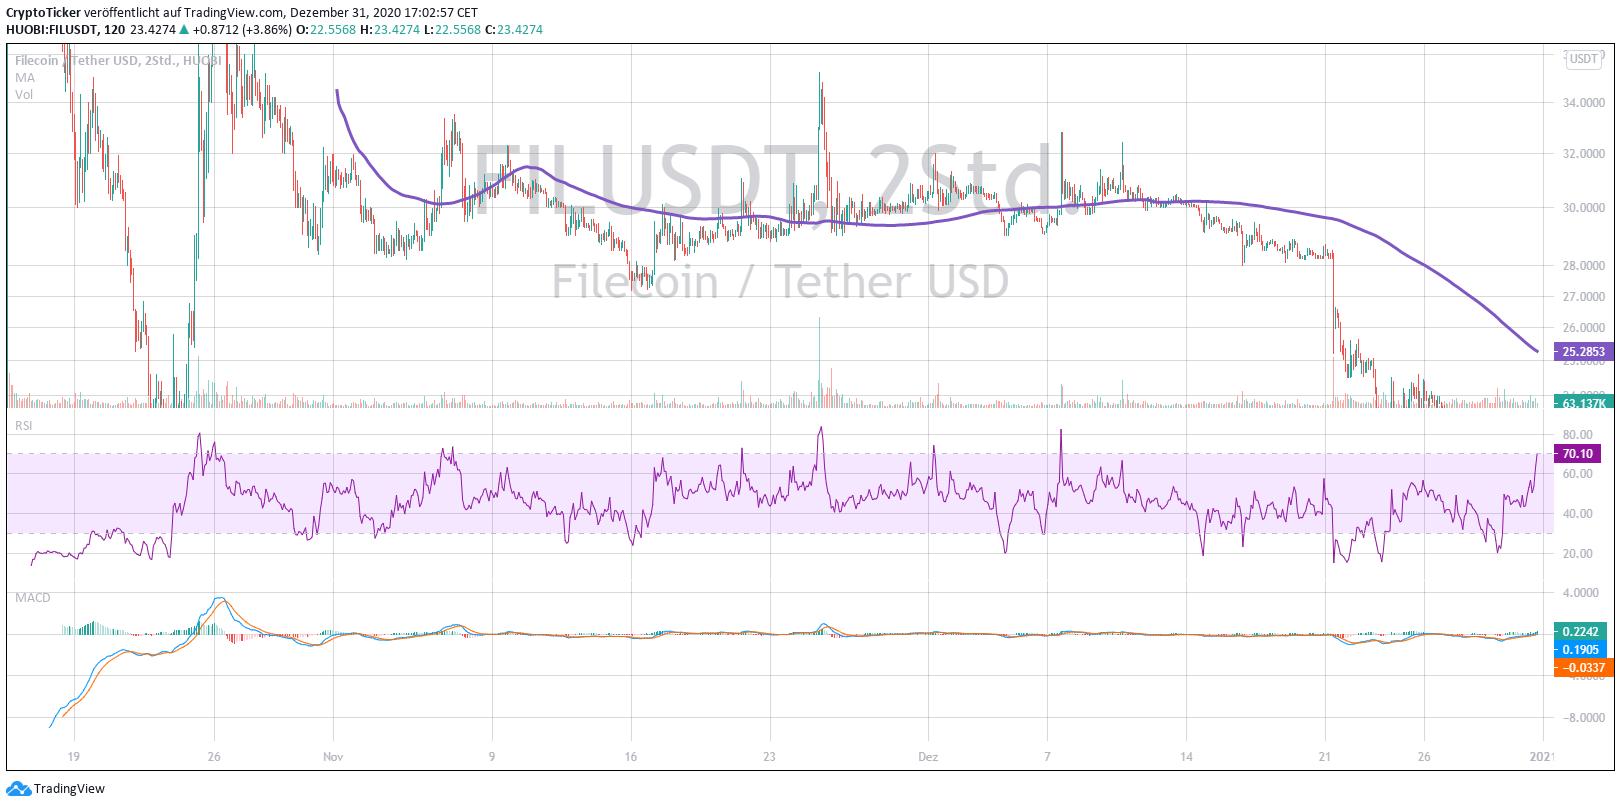 FIL/USDT 2-days chart